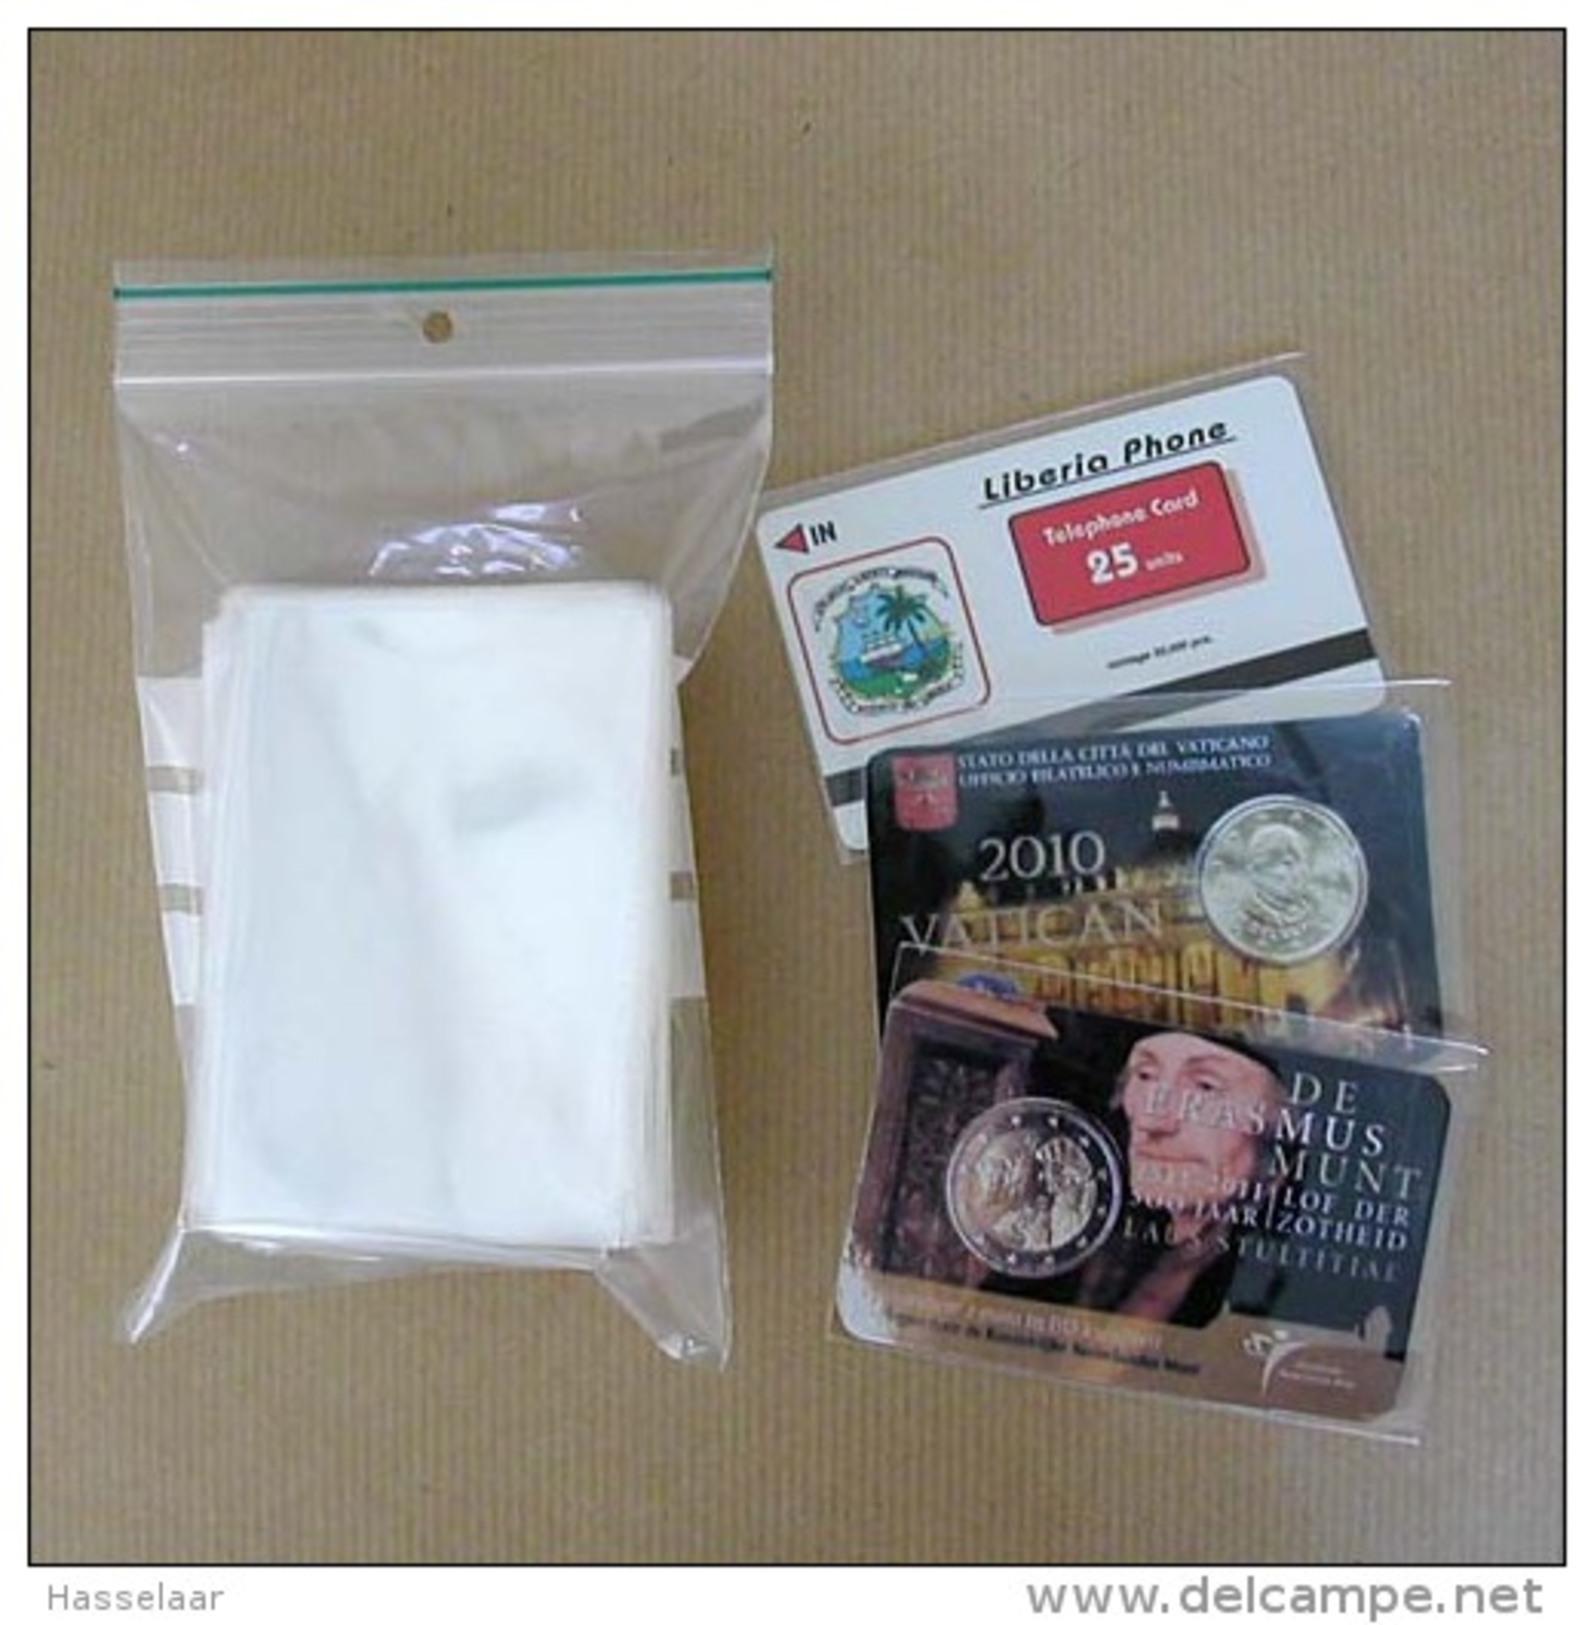 1 Kilo Hoesjes Voor Telekaarten, Coincards - Pochettes Pour Telecartes - Télécartes